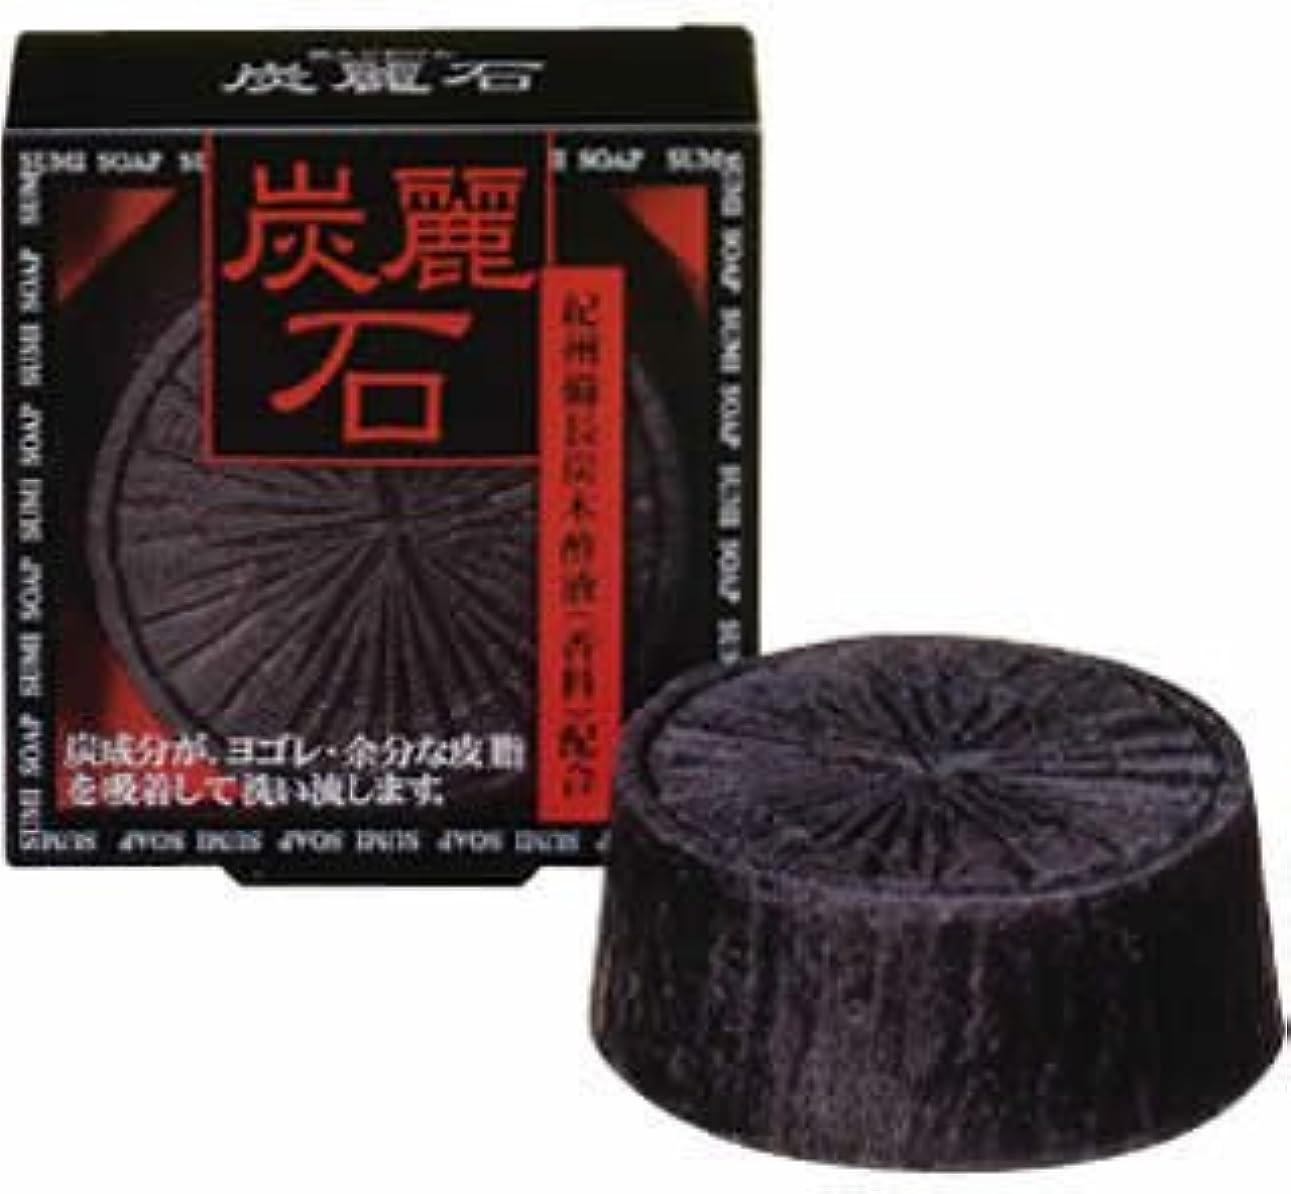 テーブル天の羽クロバーコーポレーション 炭麗石 炭入り洗顔石鹸 128g